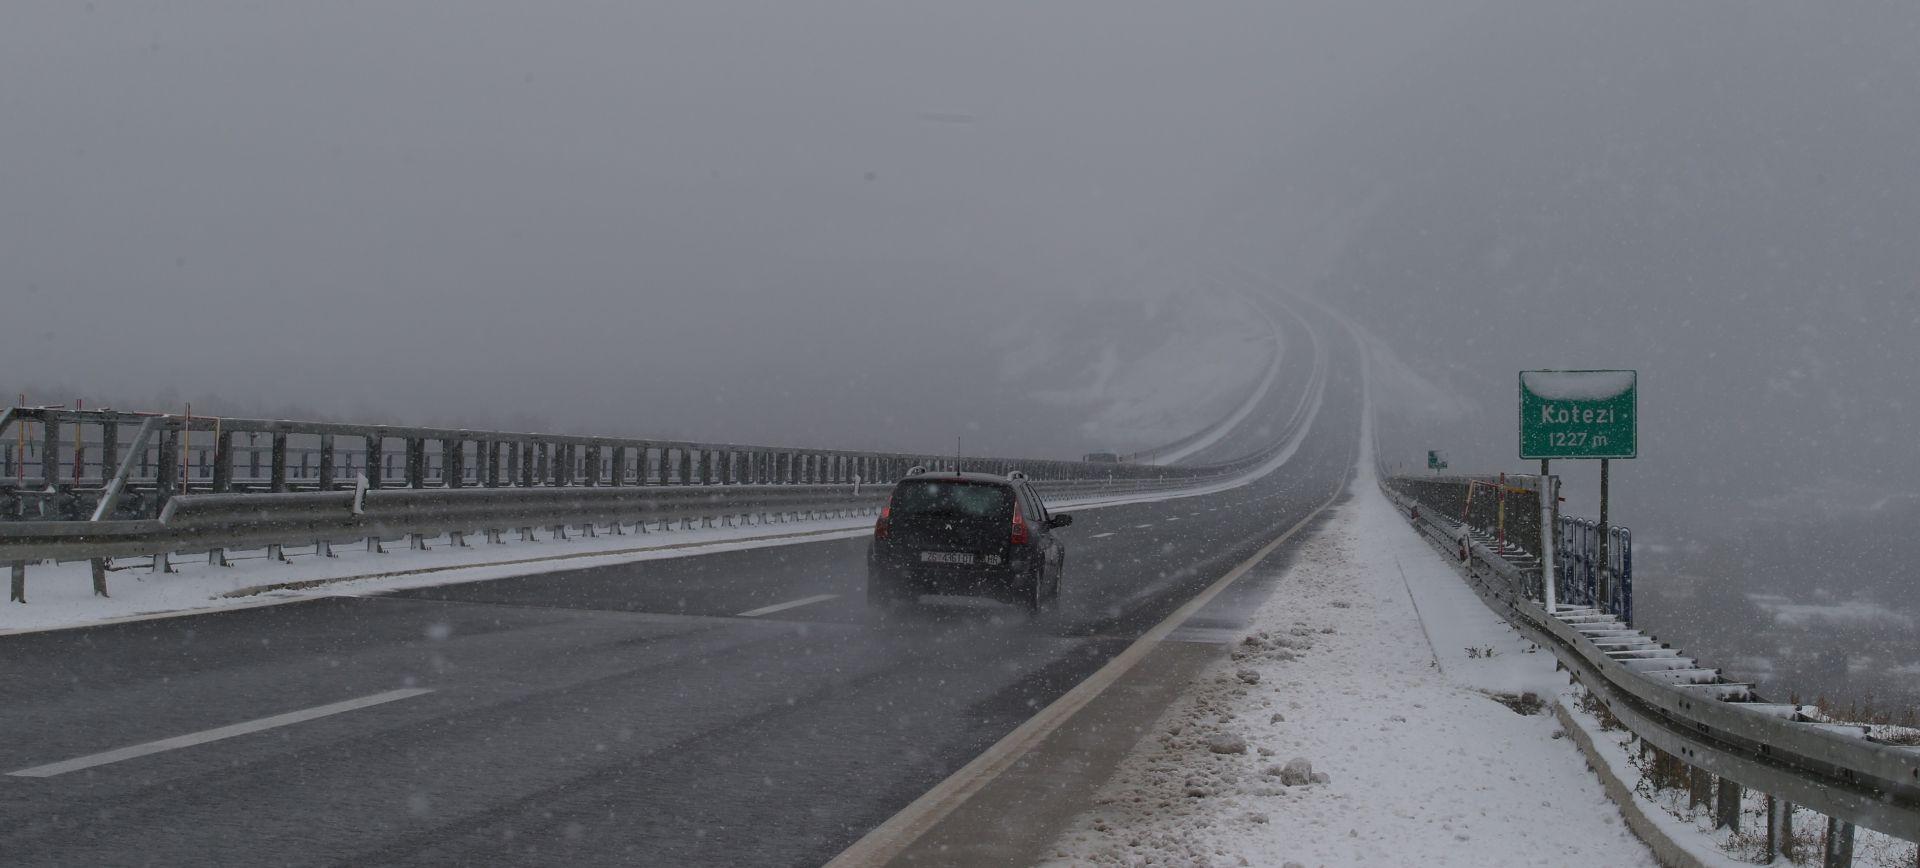 HAK Mokri i skliski kolnici, magla smanjuje vidljivost, zimski uvjeti na cestama